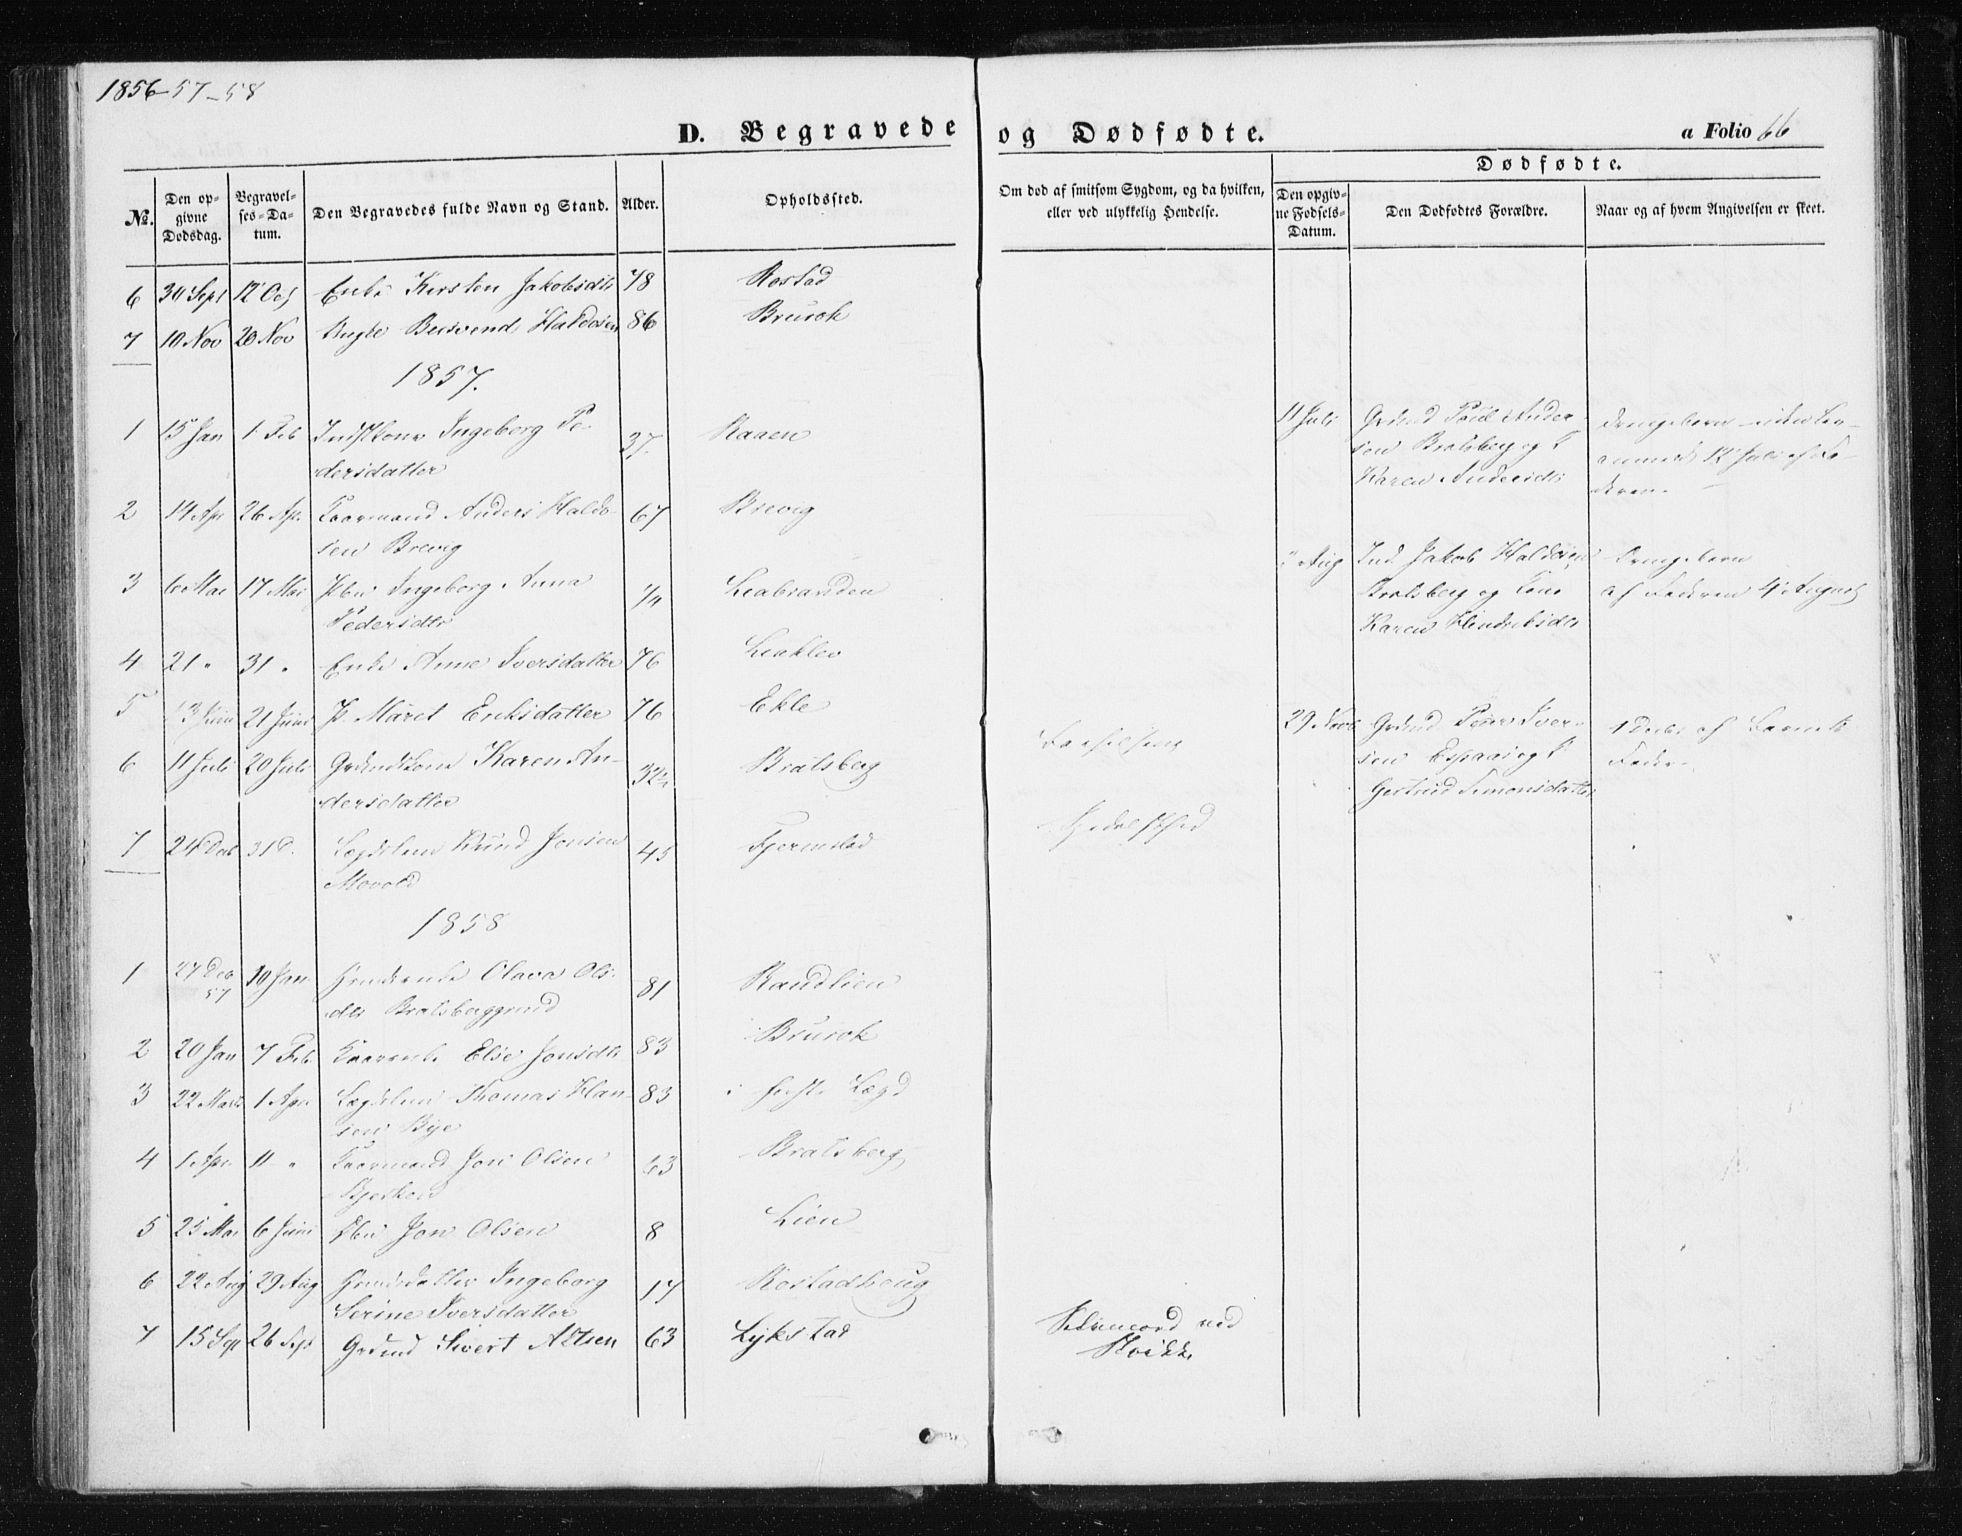 SAT, Ministerialprotokoller, klokkerbøker og fødselsregistre - Sør-Trøndelag, 608/L0332: Ministerialbok nr. 608A01, 1848-1861, s. 66